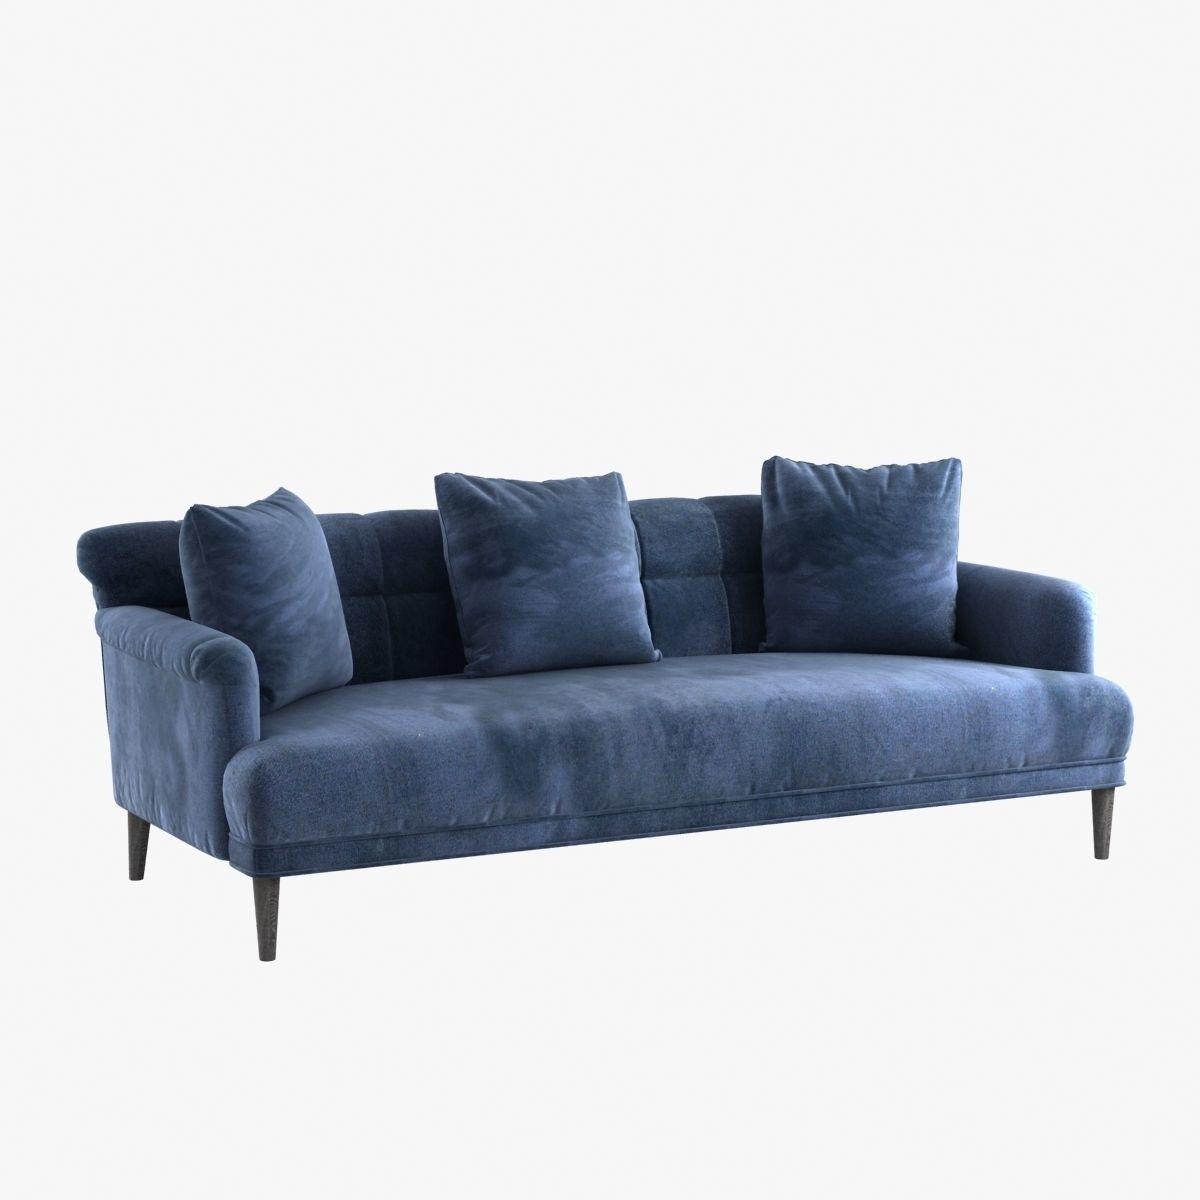 Custom made blue velvet sofa with pillows | 3D model